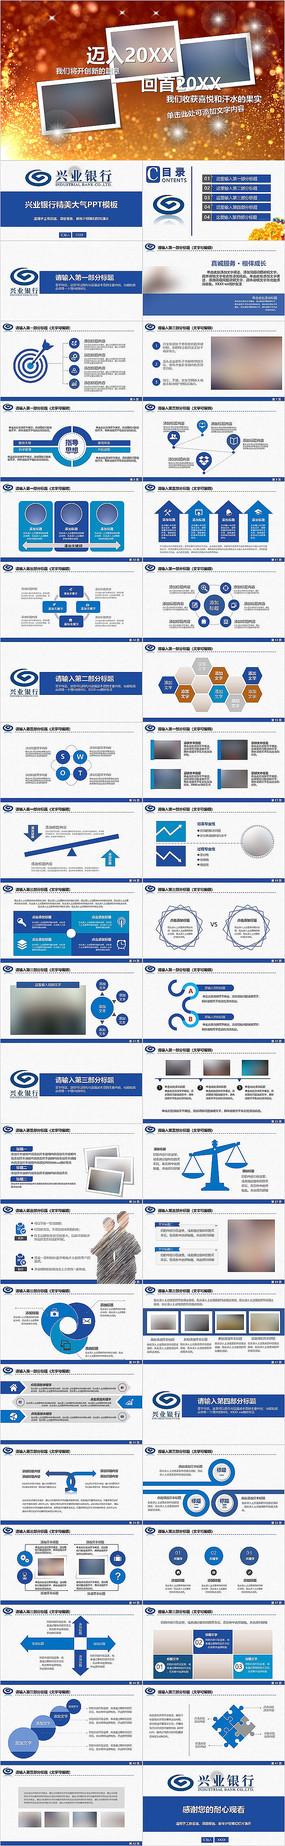 兴业银行工作总结计划PPT模板